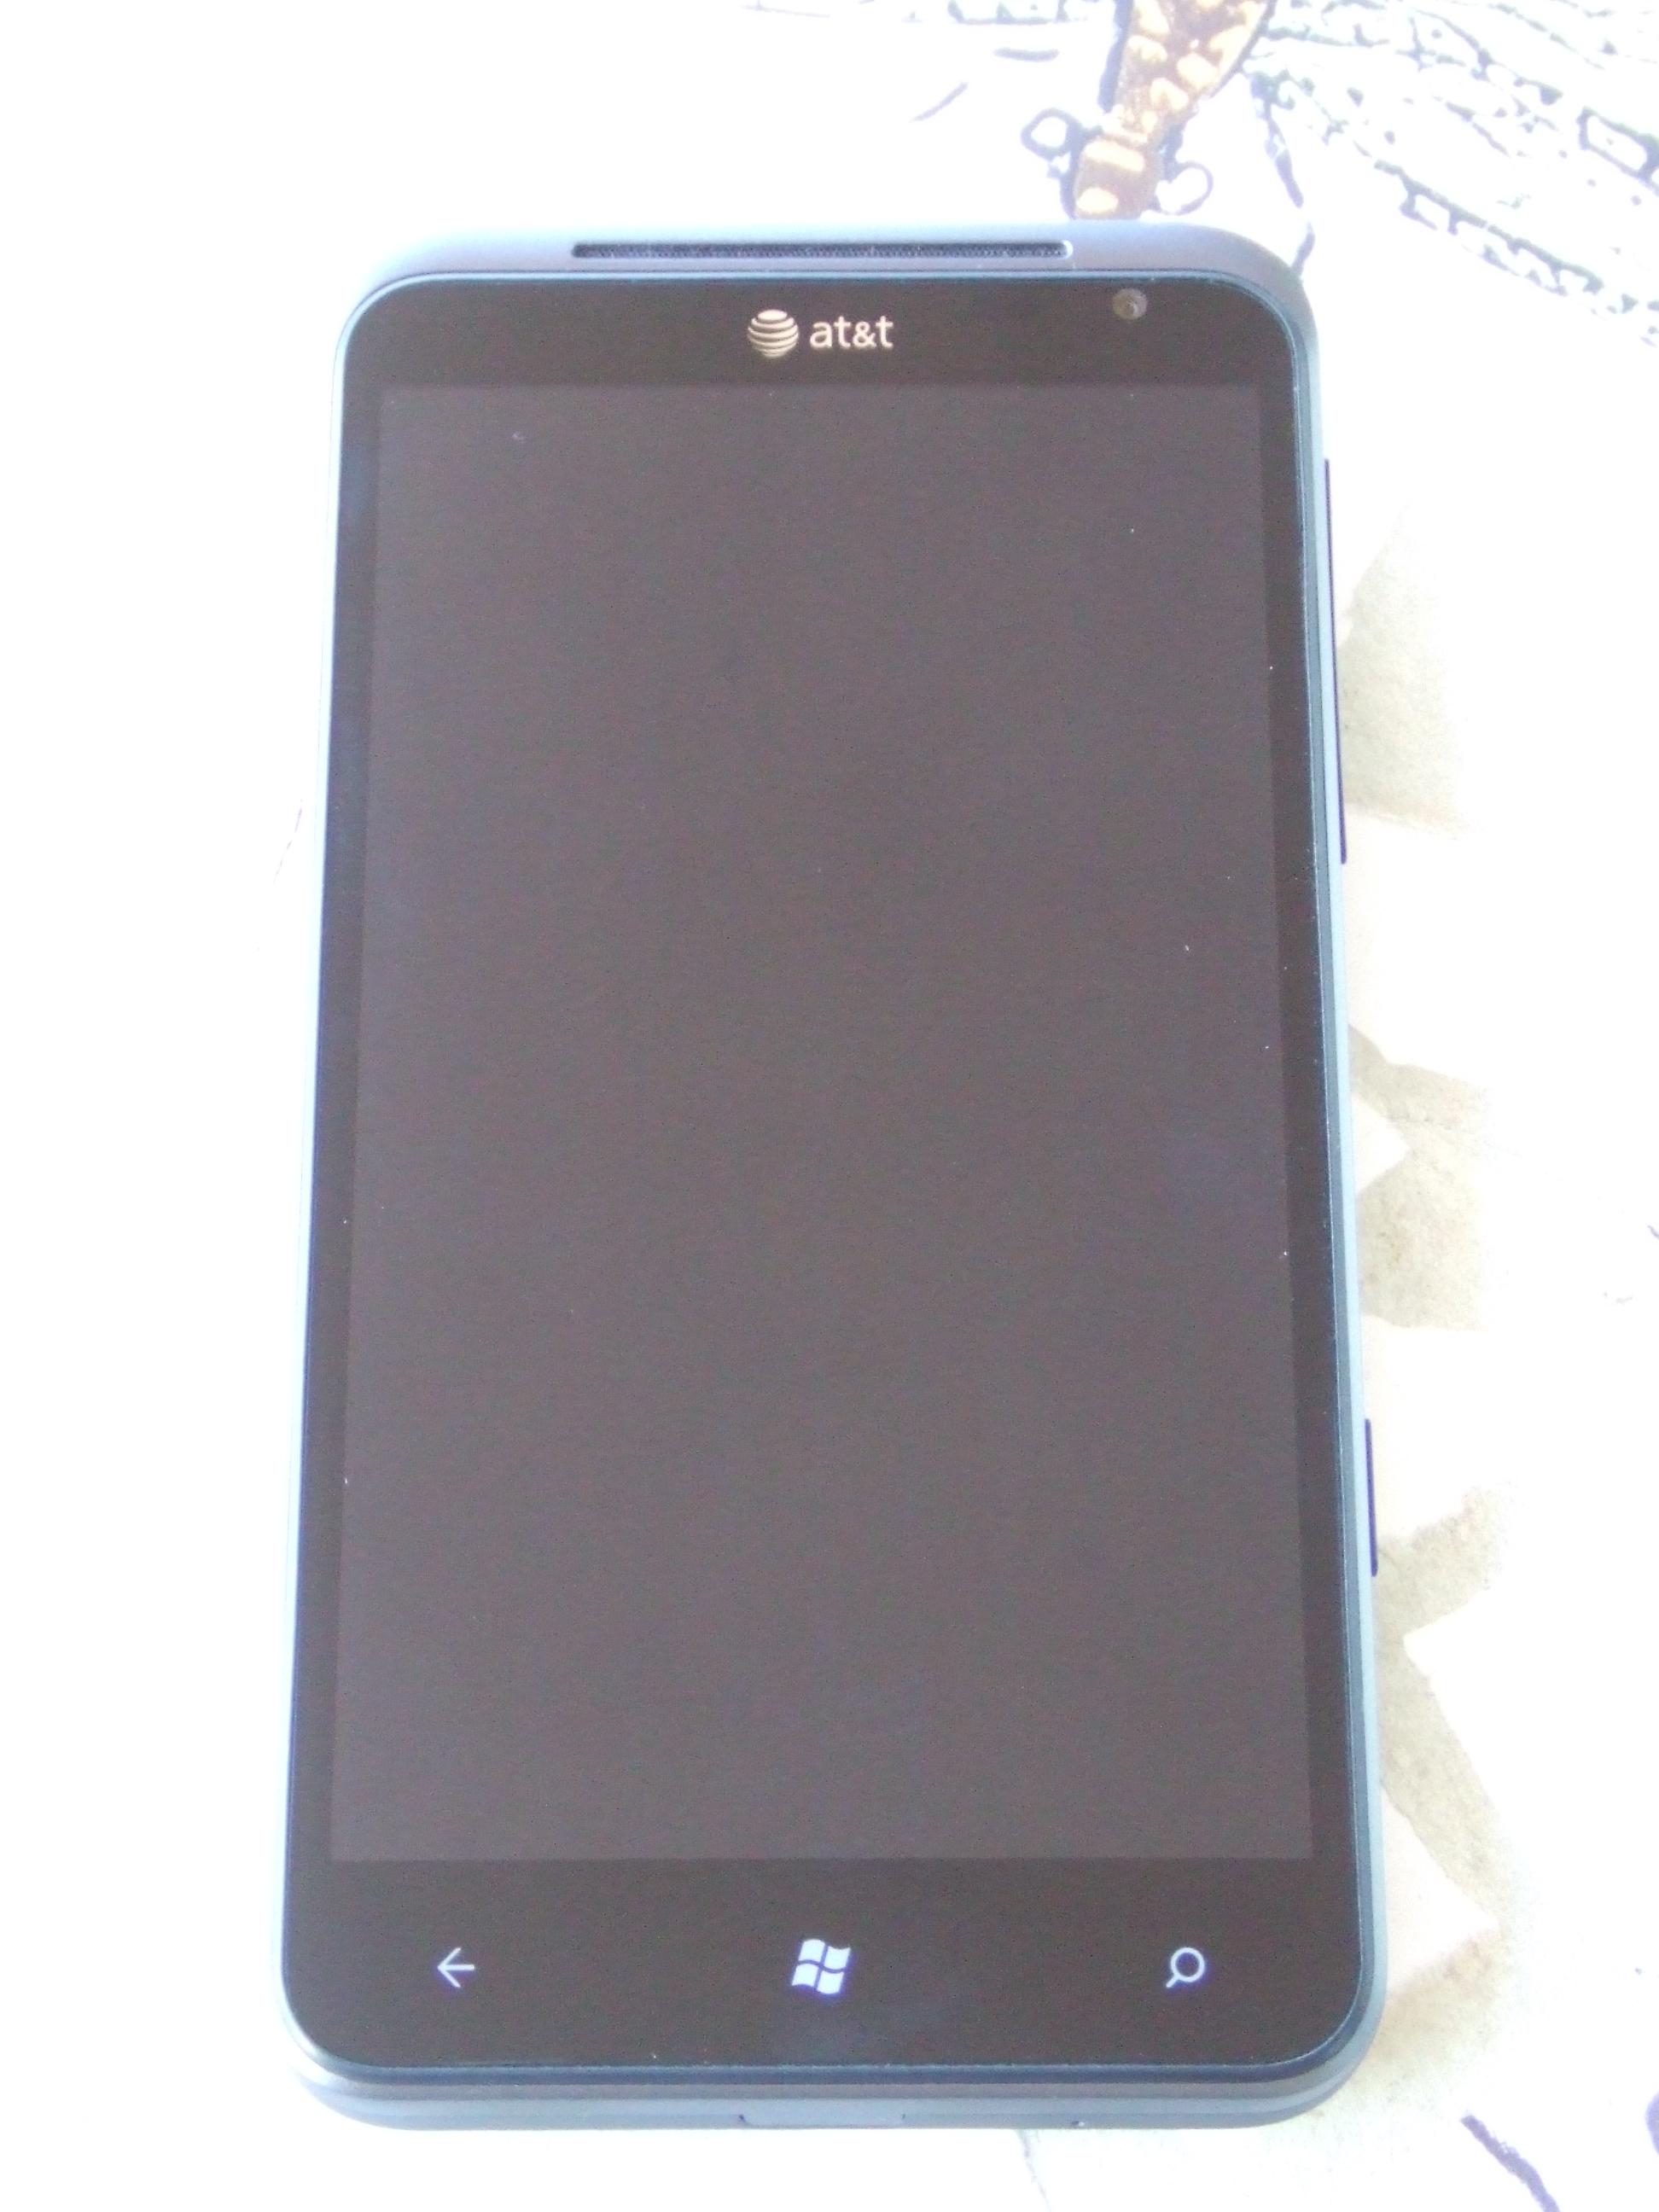 HTC TYTN X310E USB WINDOWS 7 64BIT DRIVER DOWNLOAD